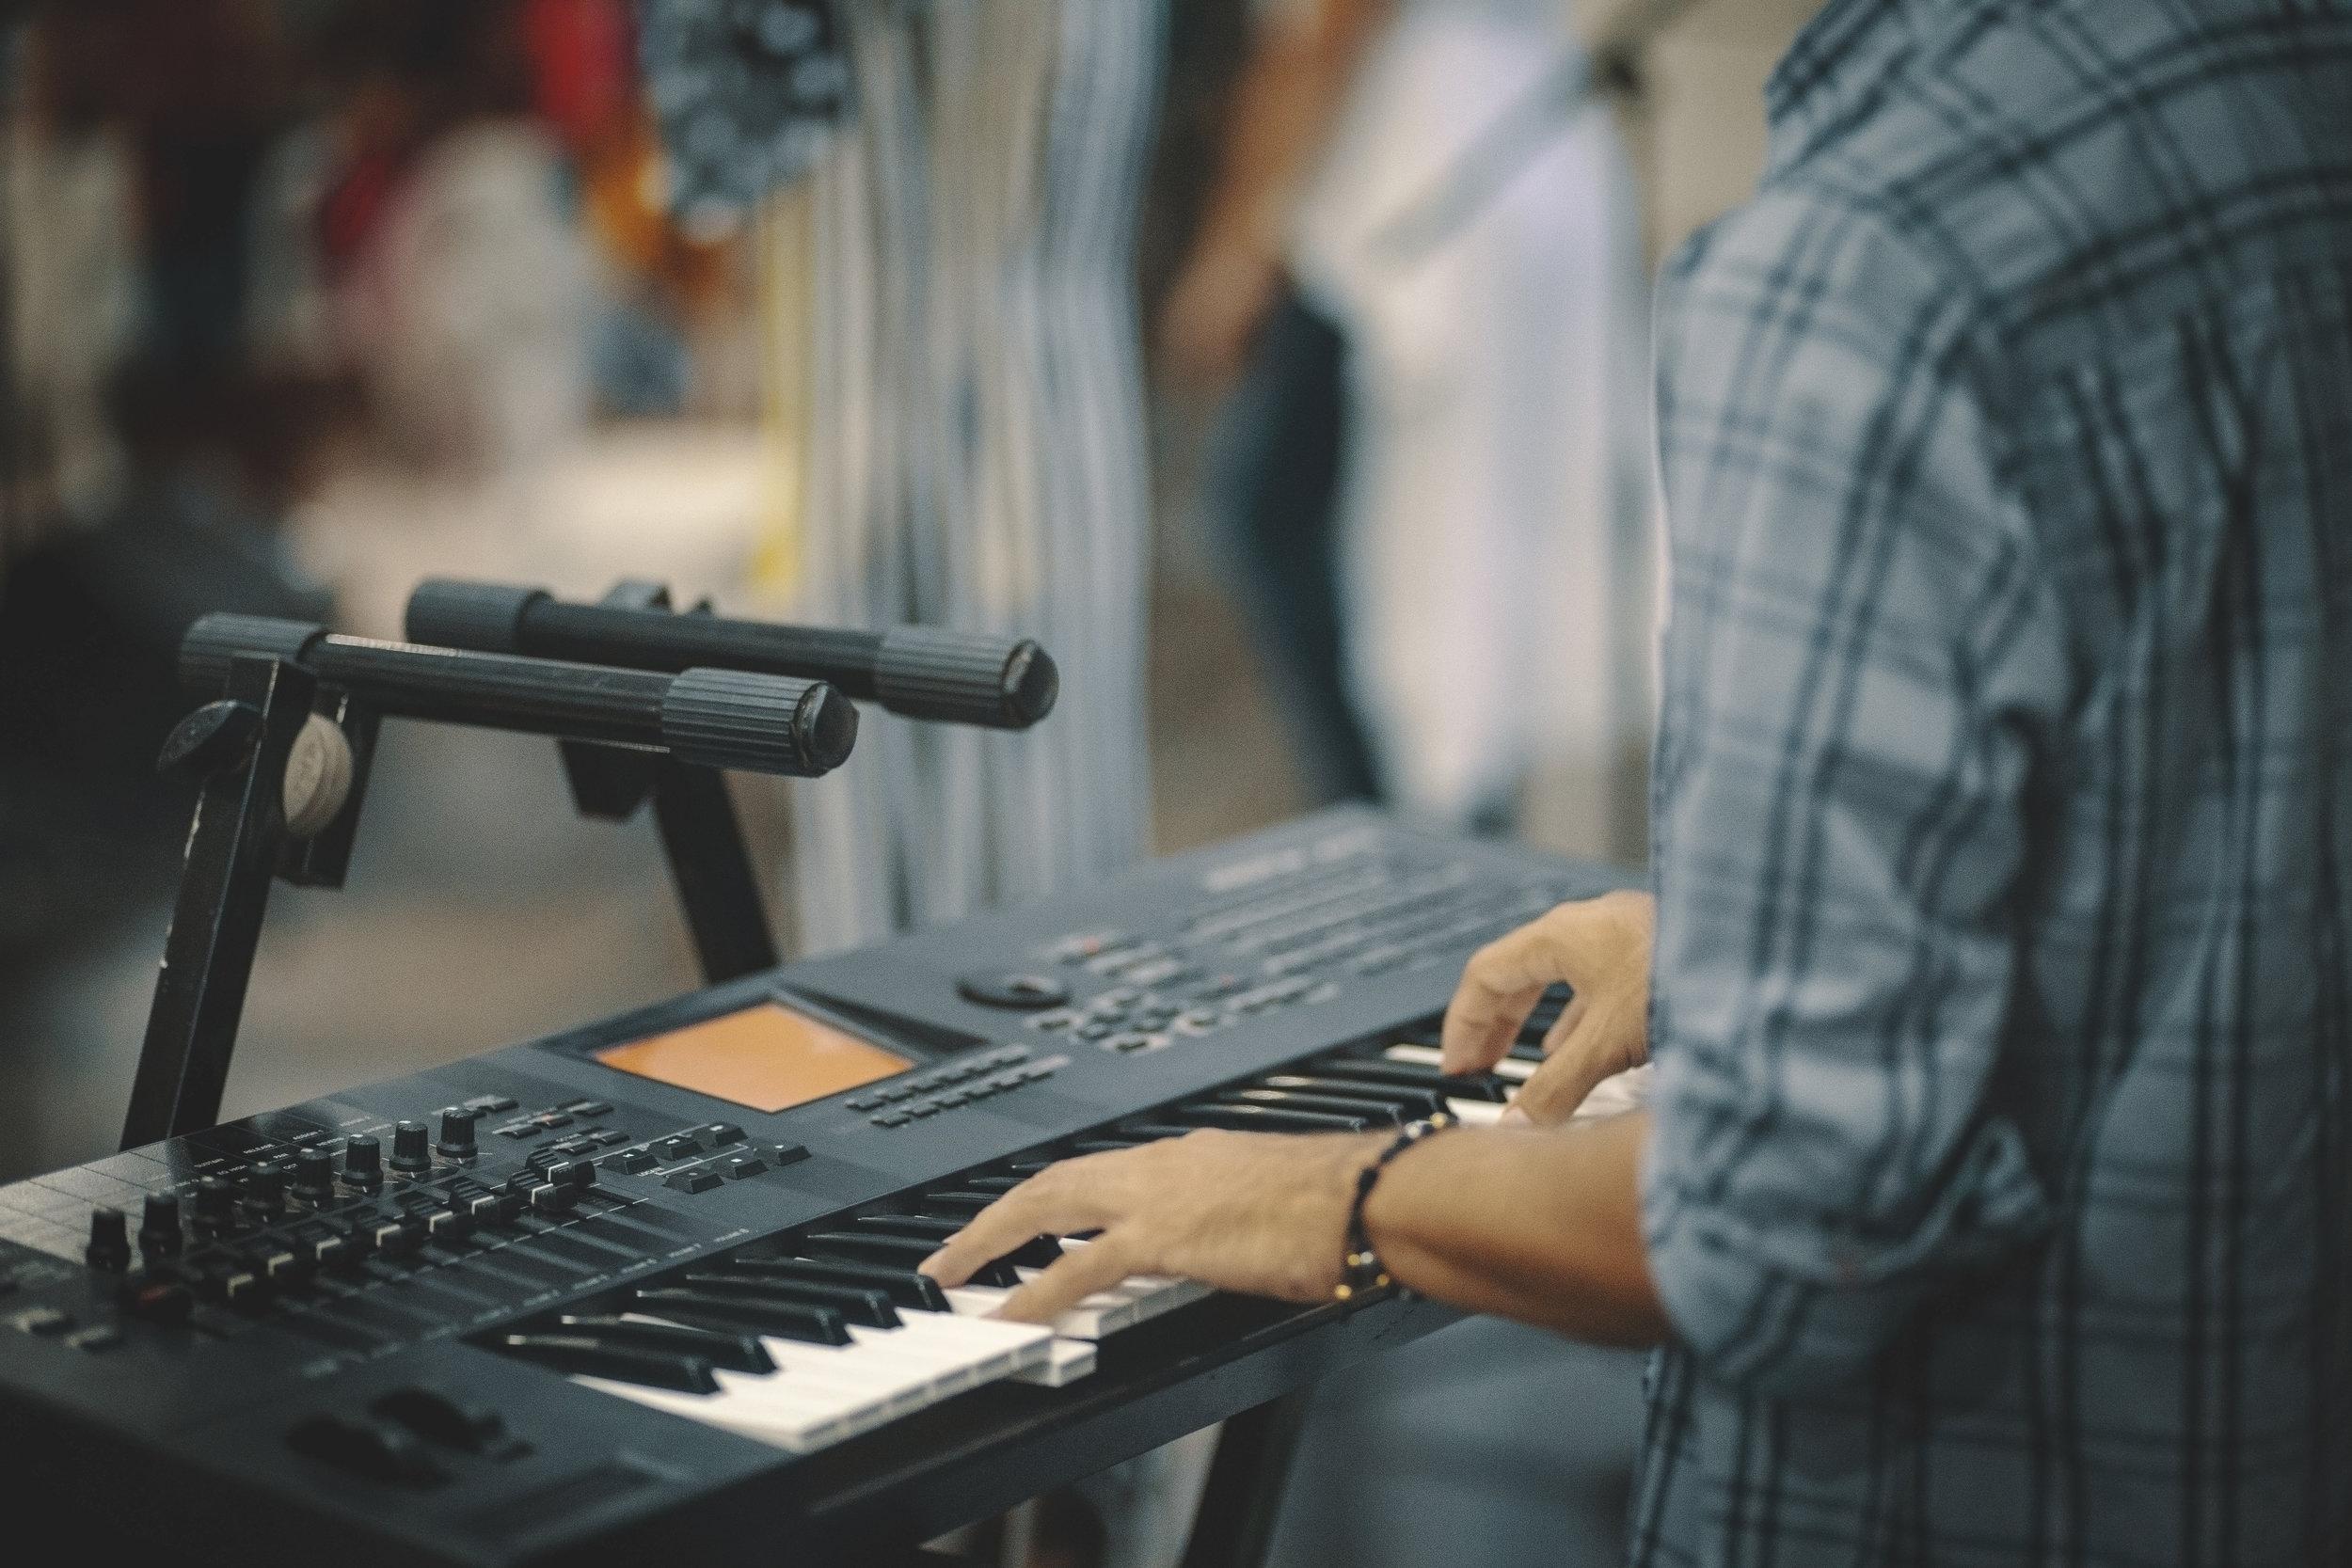 ¿POR QUÉ NOSOTROS ? - Creemos que todos los propietarios de canciones, desde los niños que escriben y graban en su habitación hasta los principales editores de música, deberían recibir un pago justo de lo que han ganado por la ejecución de sus canciones en EE.UU.Ya tenemos el historial de haber conseguido sus pagos!